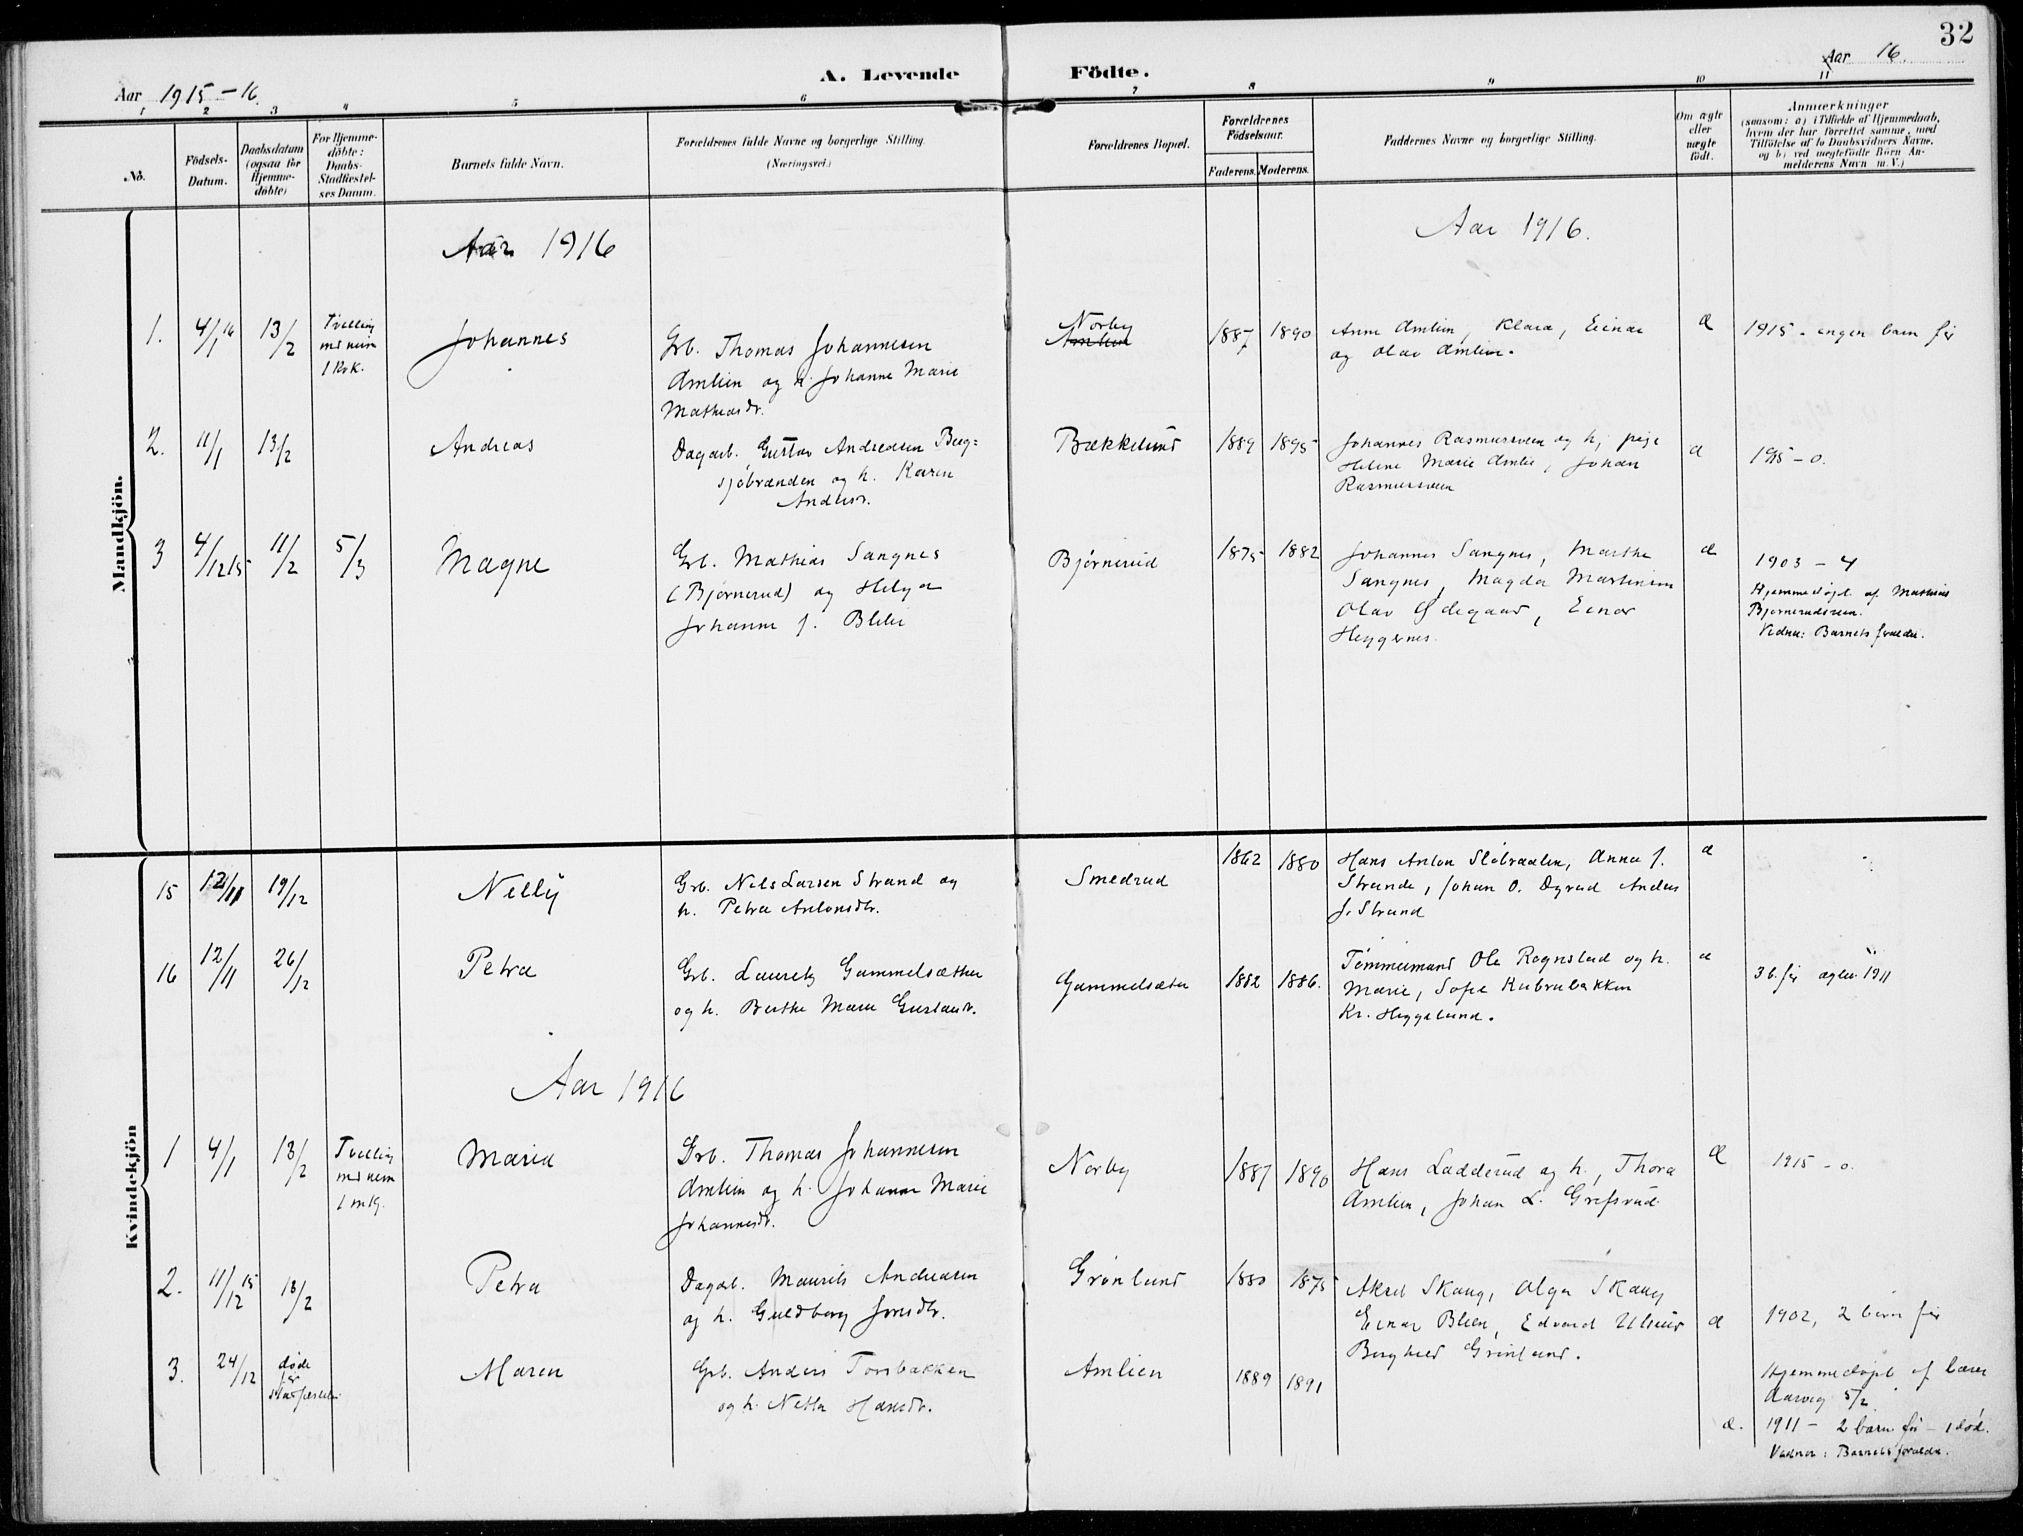 SAH, Kolbu prestekontor, Ministerialbok nr. 1, 1907-1923, s. 32